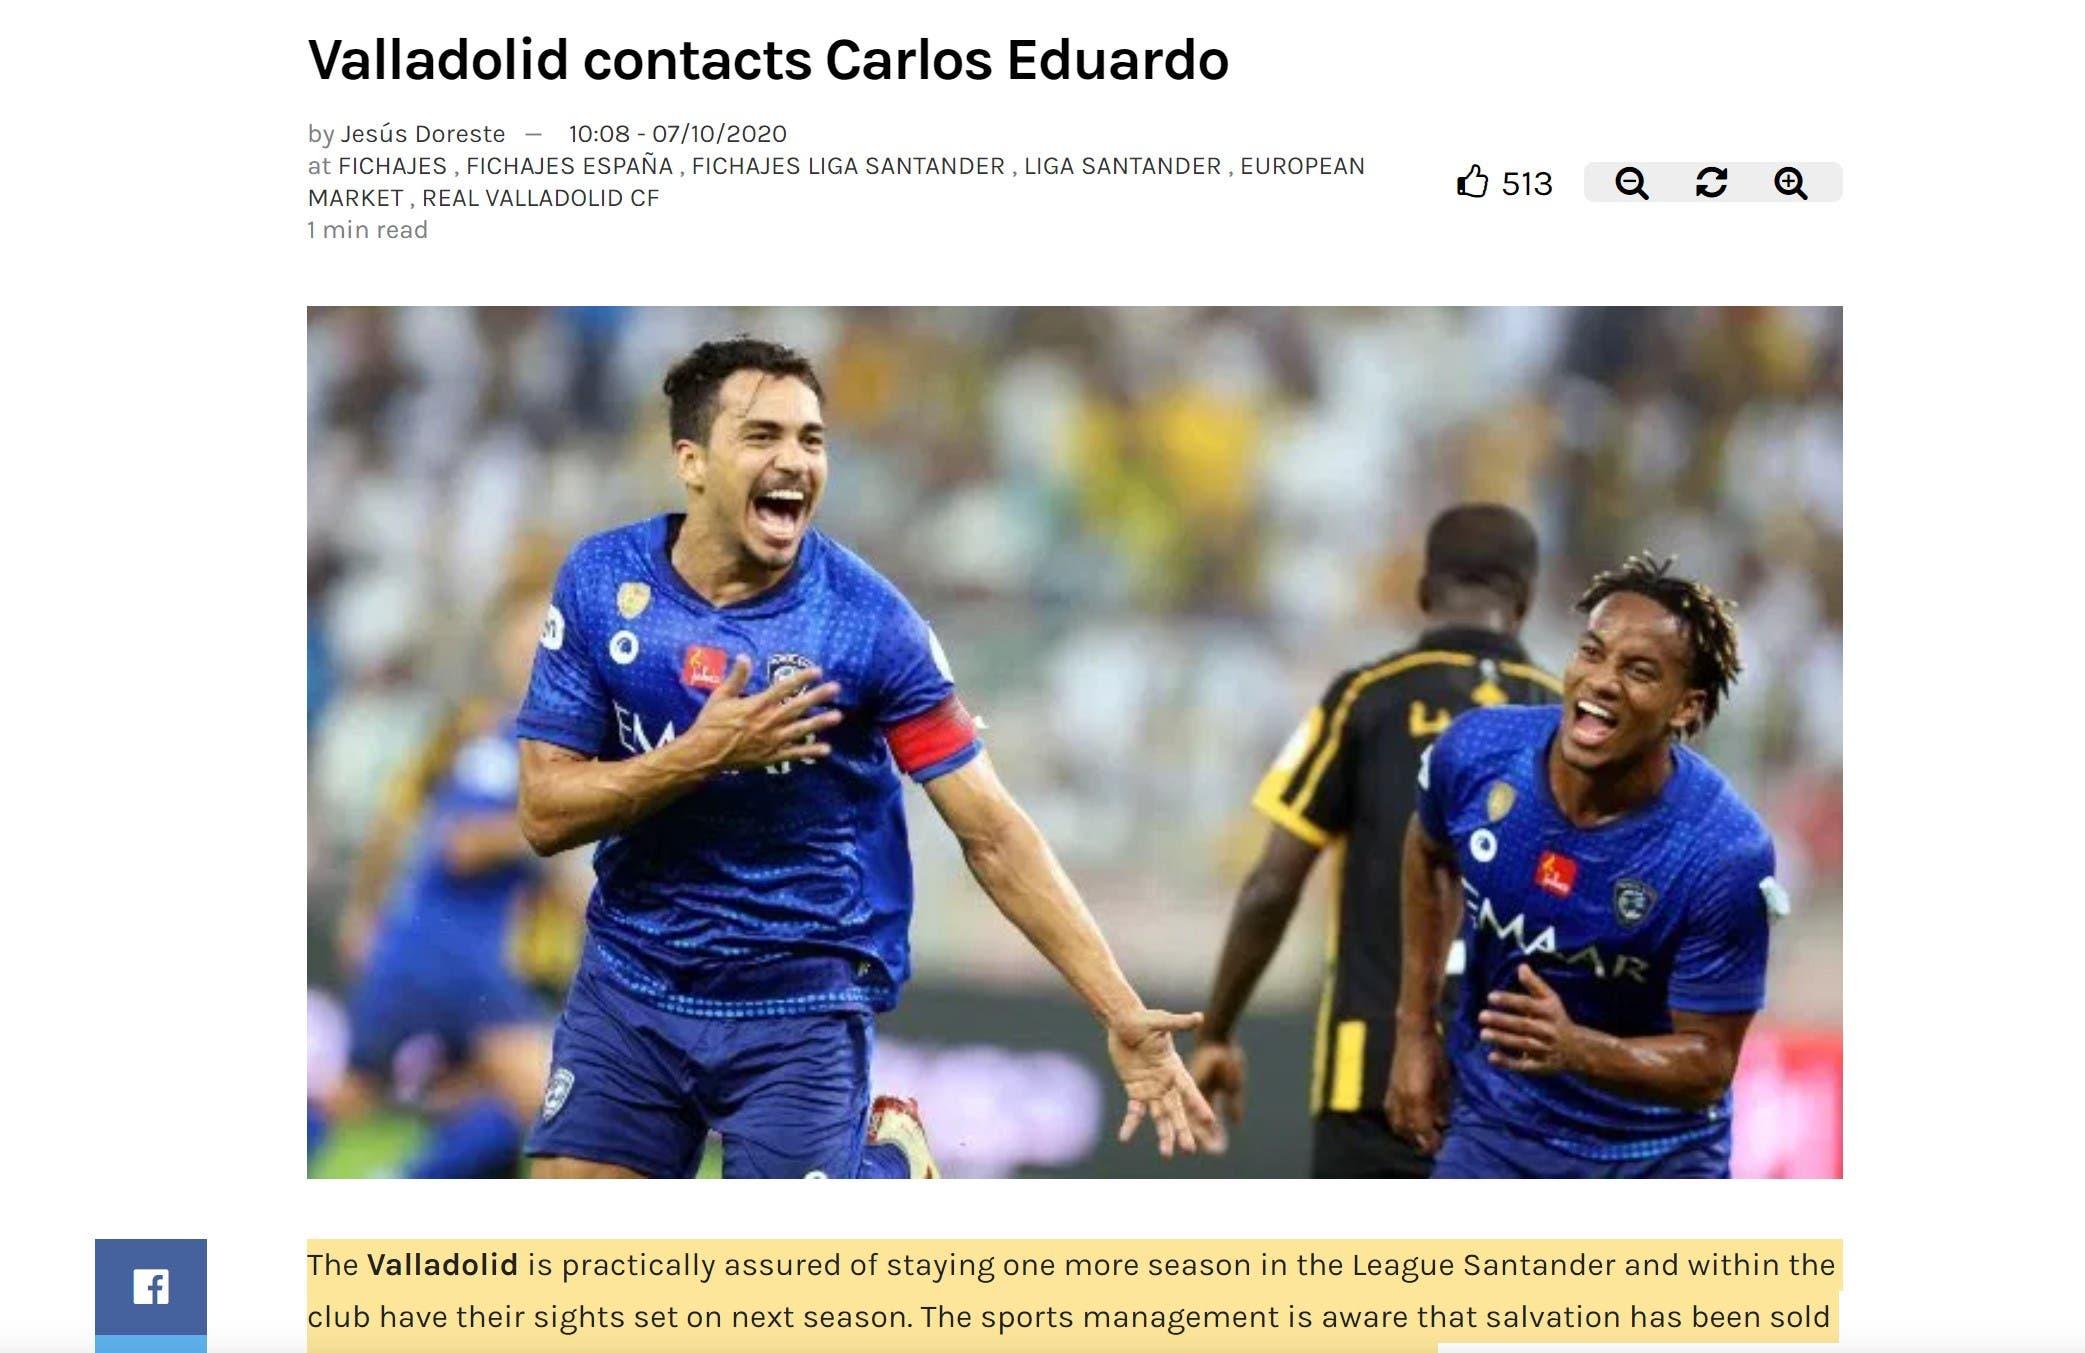 صورة ضوئية من الصحيفة الإسبانية